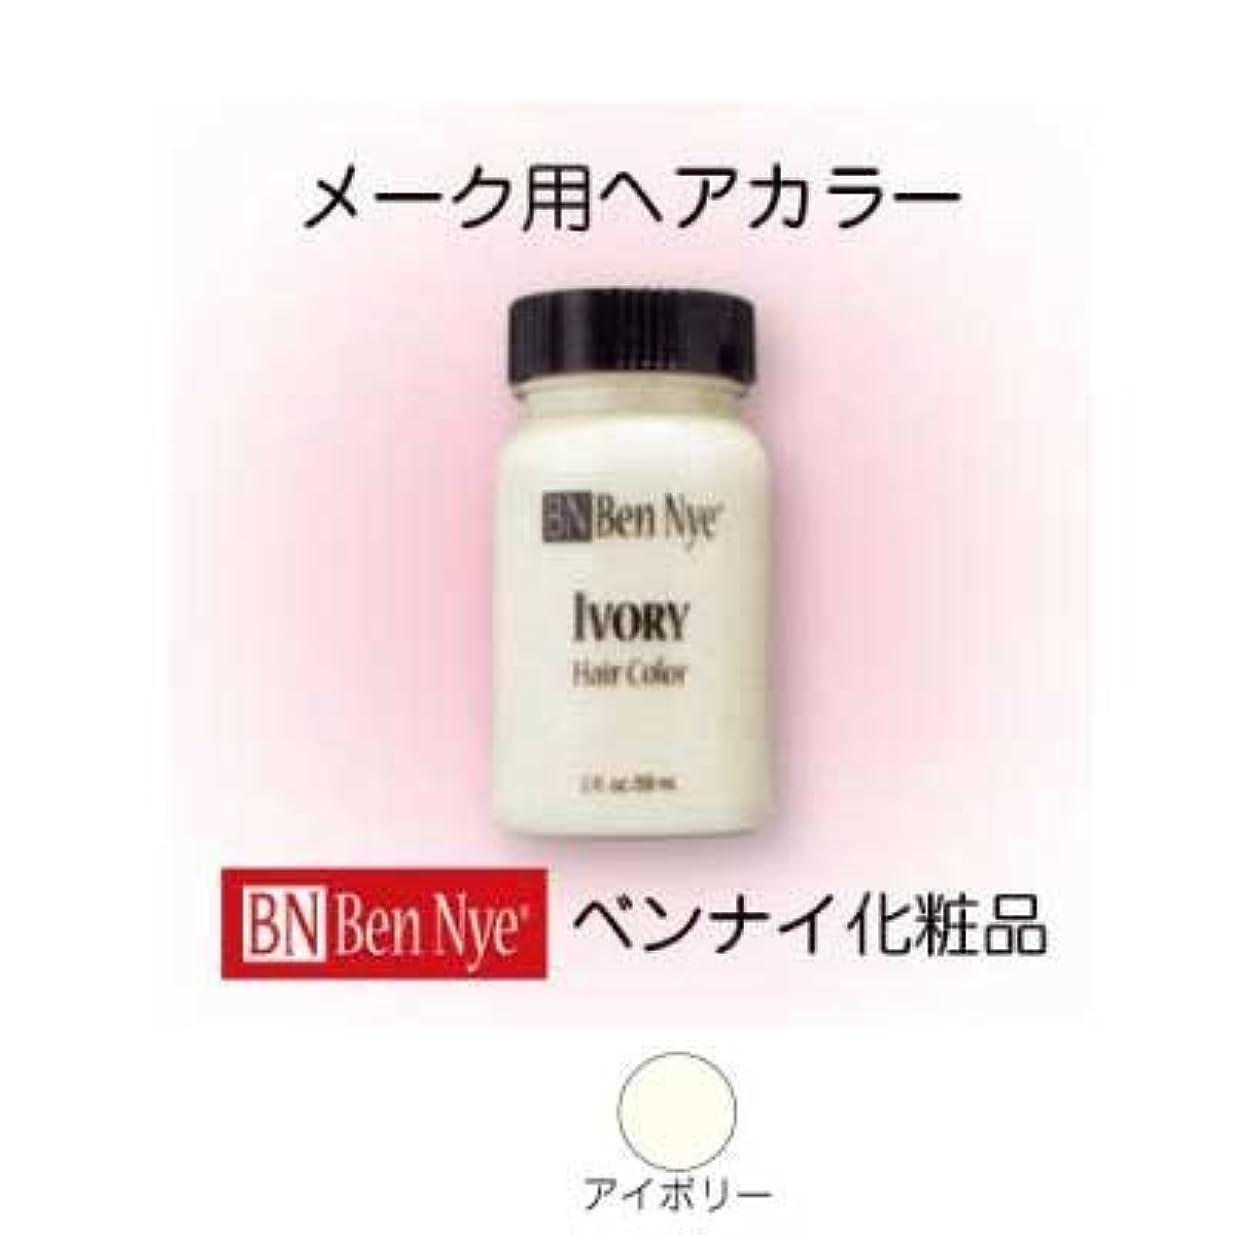 リゾート器用広告主リキッドヘアーカラー アイボリー【ベンナイ化粧品】